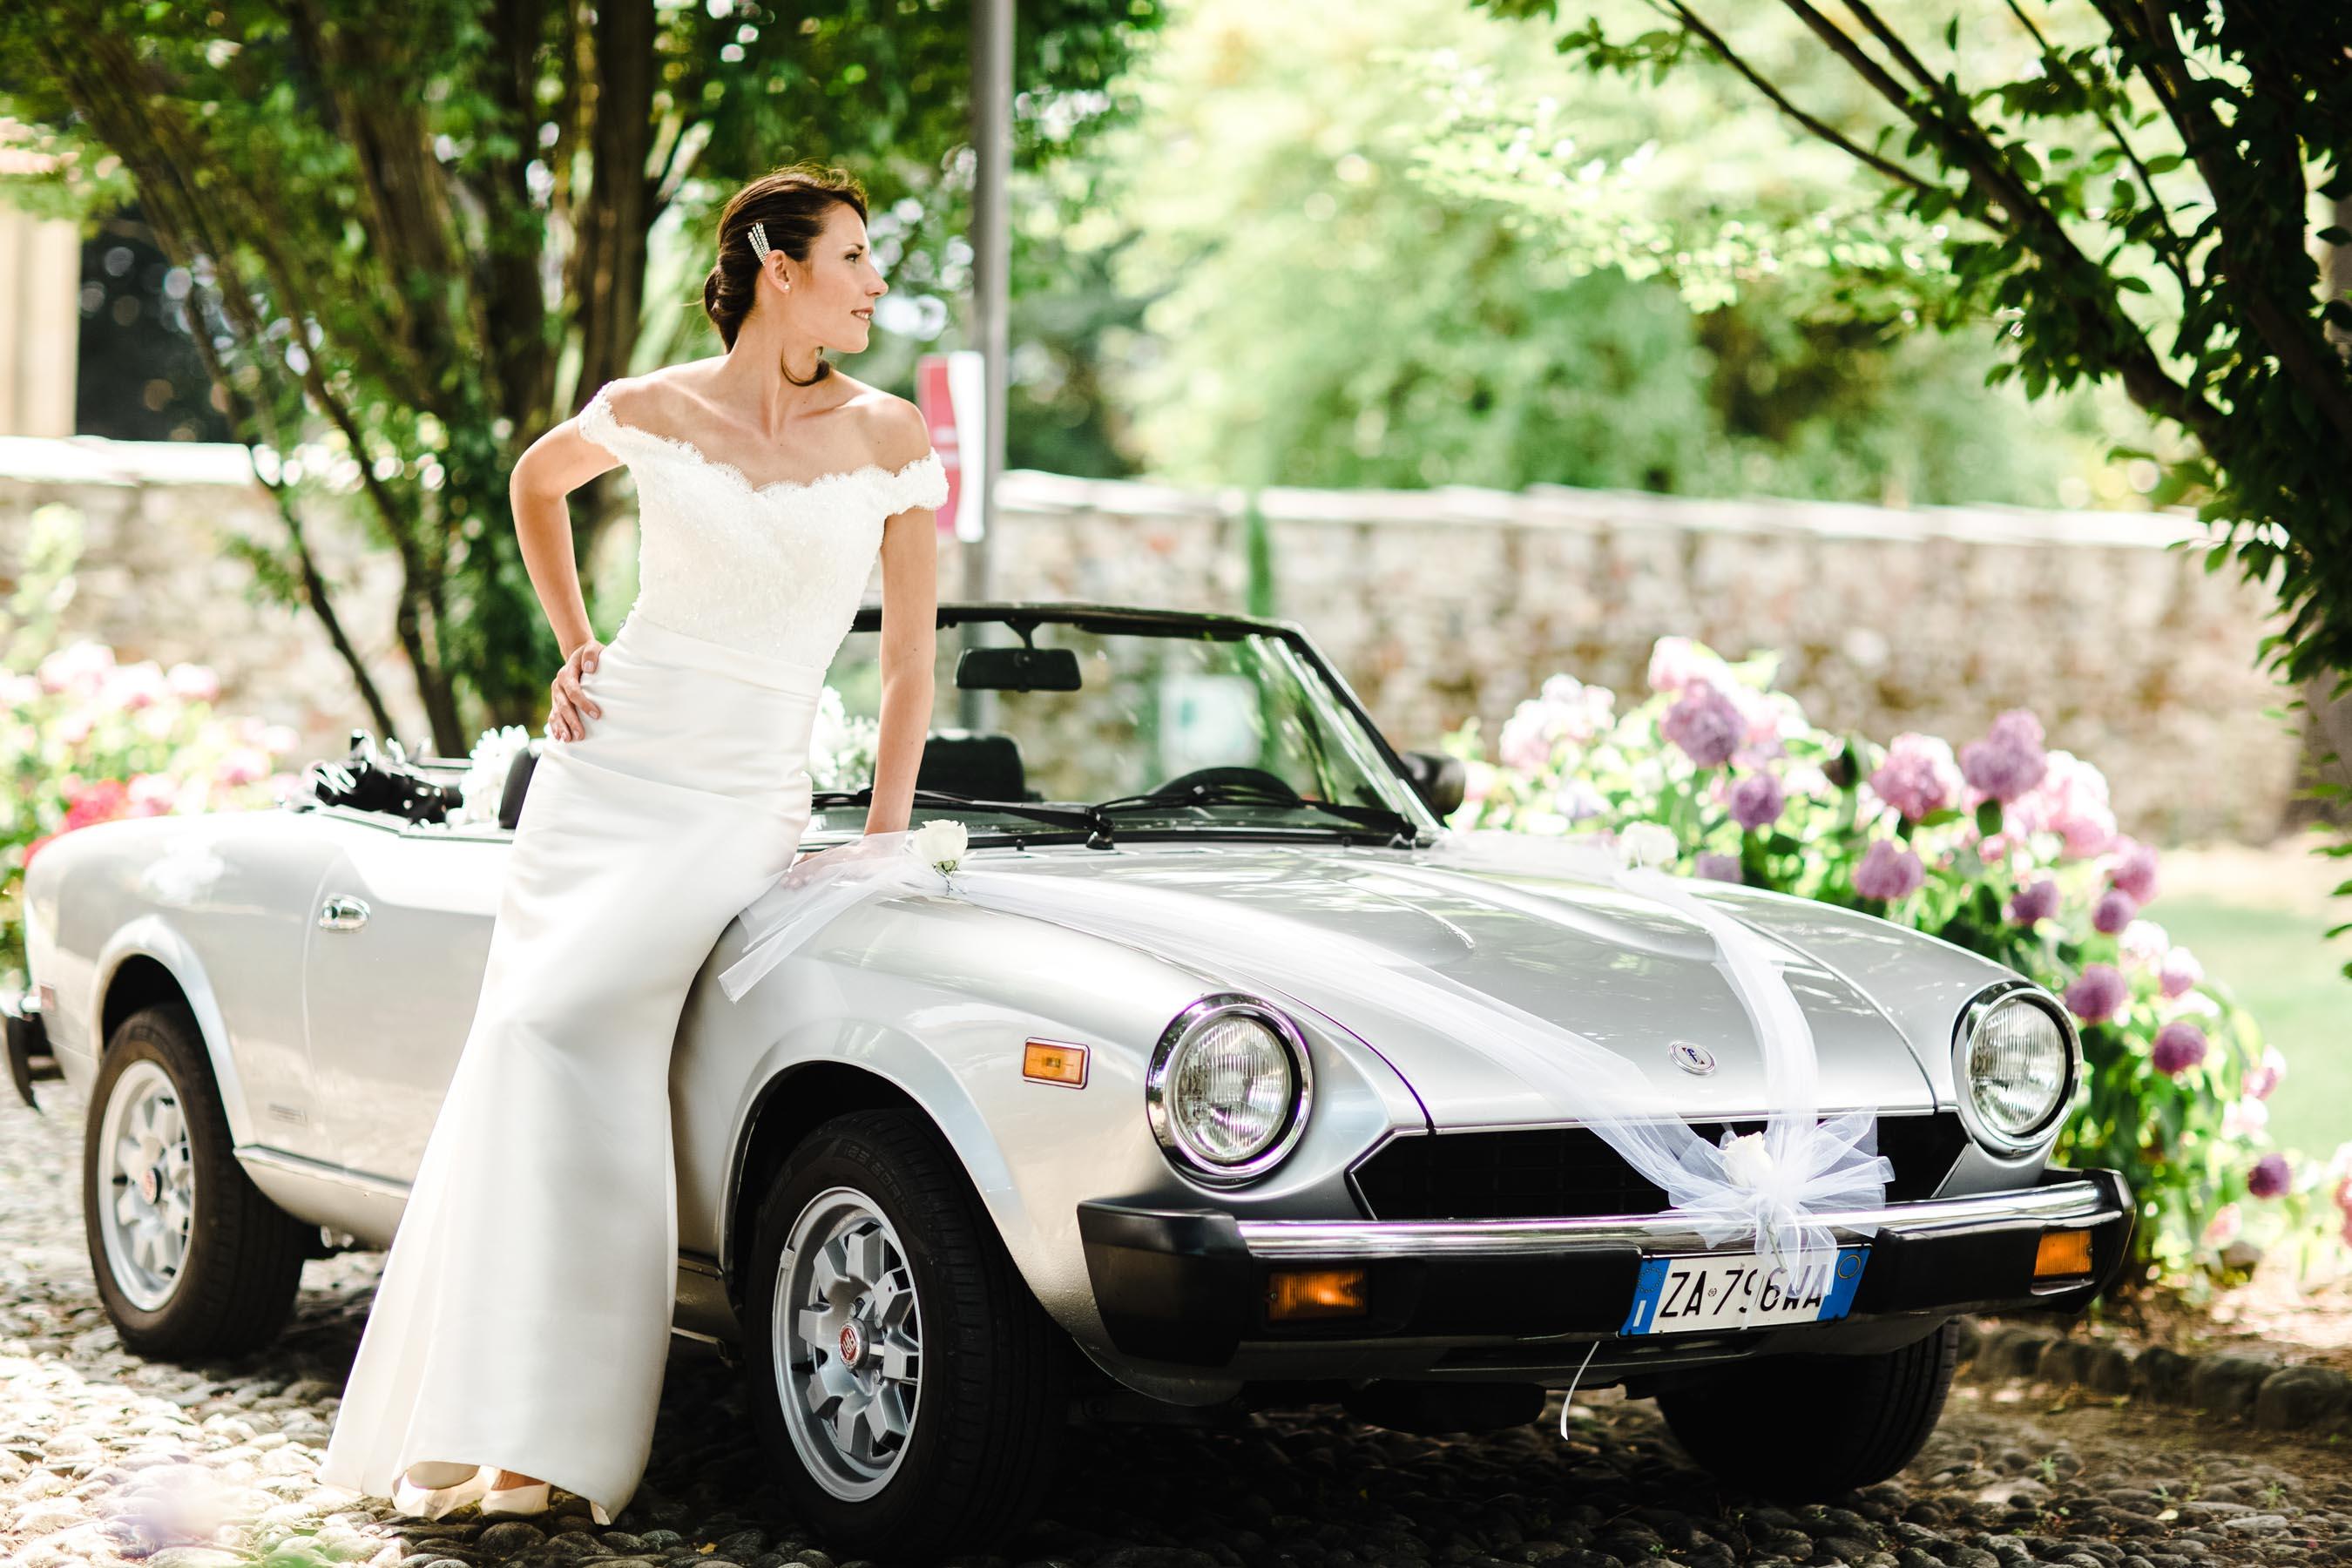 art foto_torino_monica sica photography_la vià _cavour_ fotografo matrimonio_torino-51